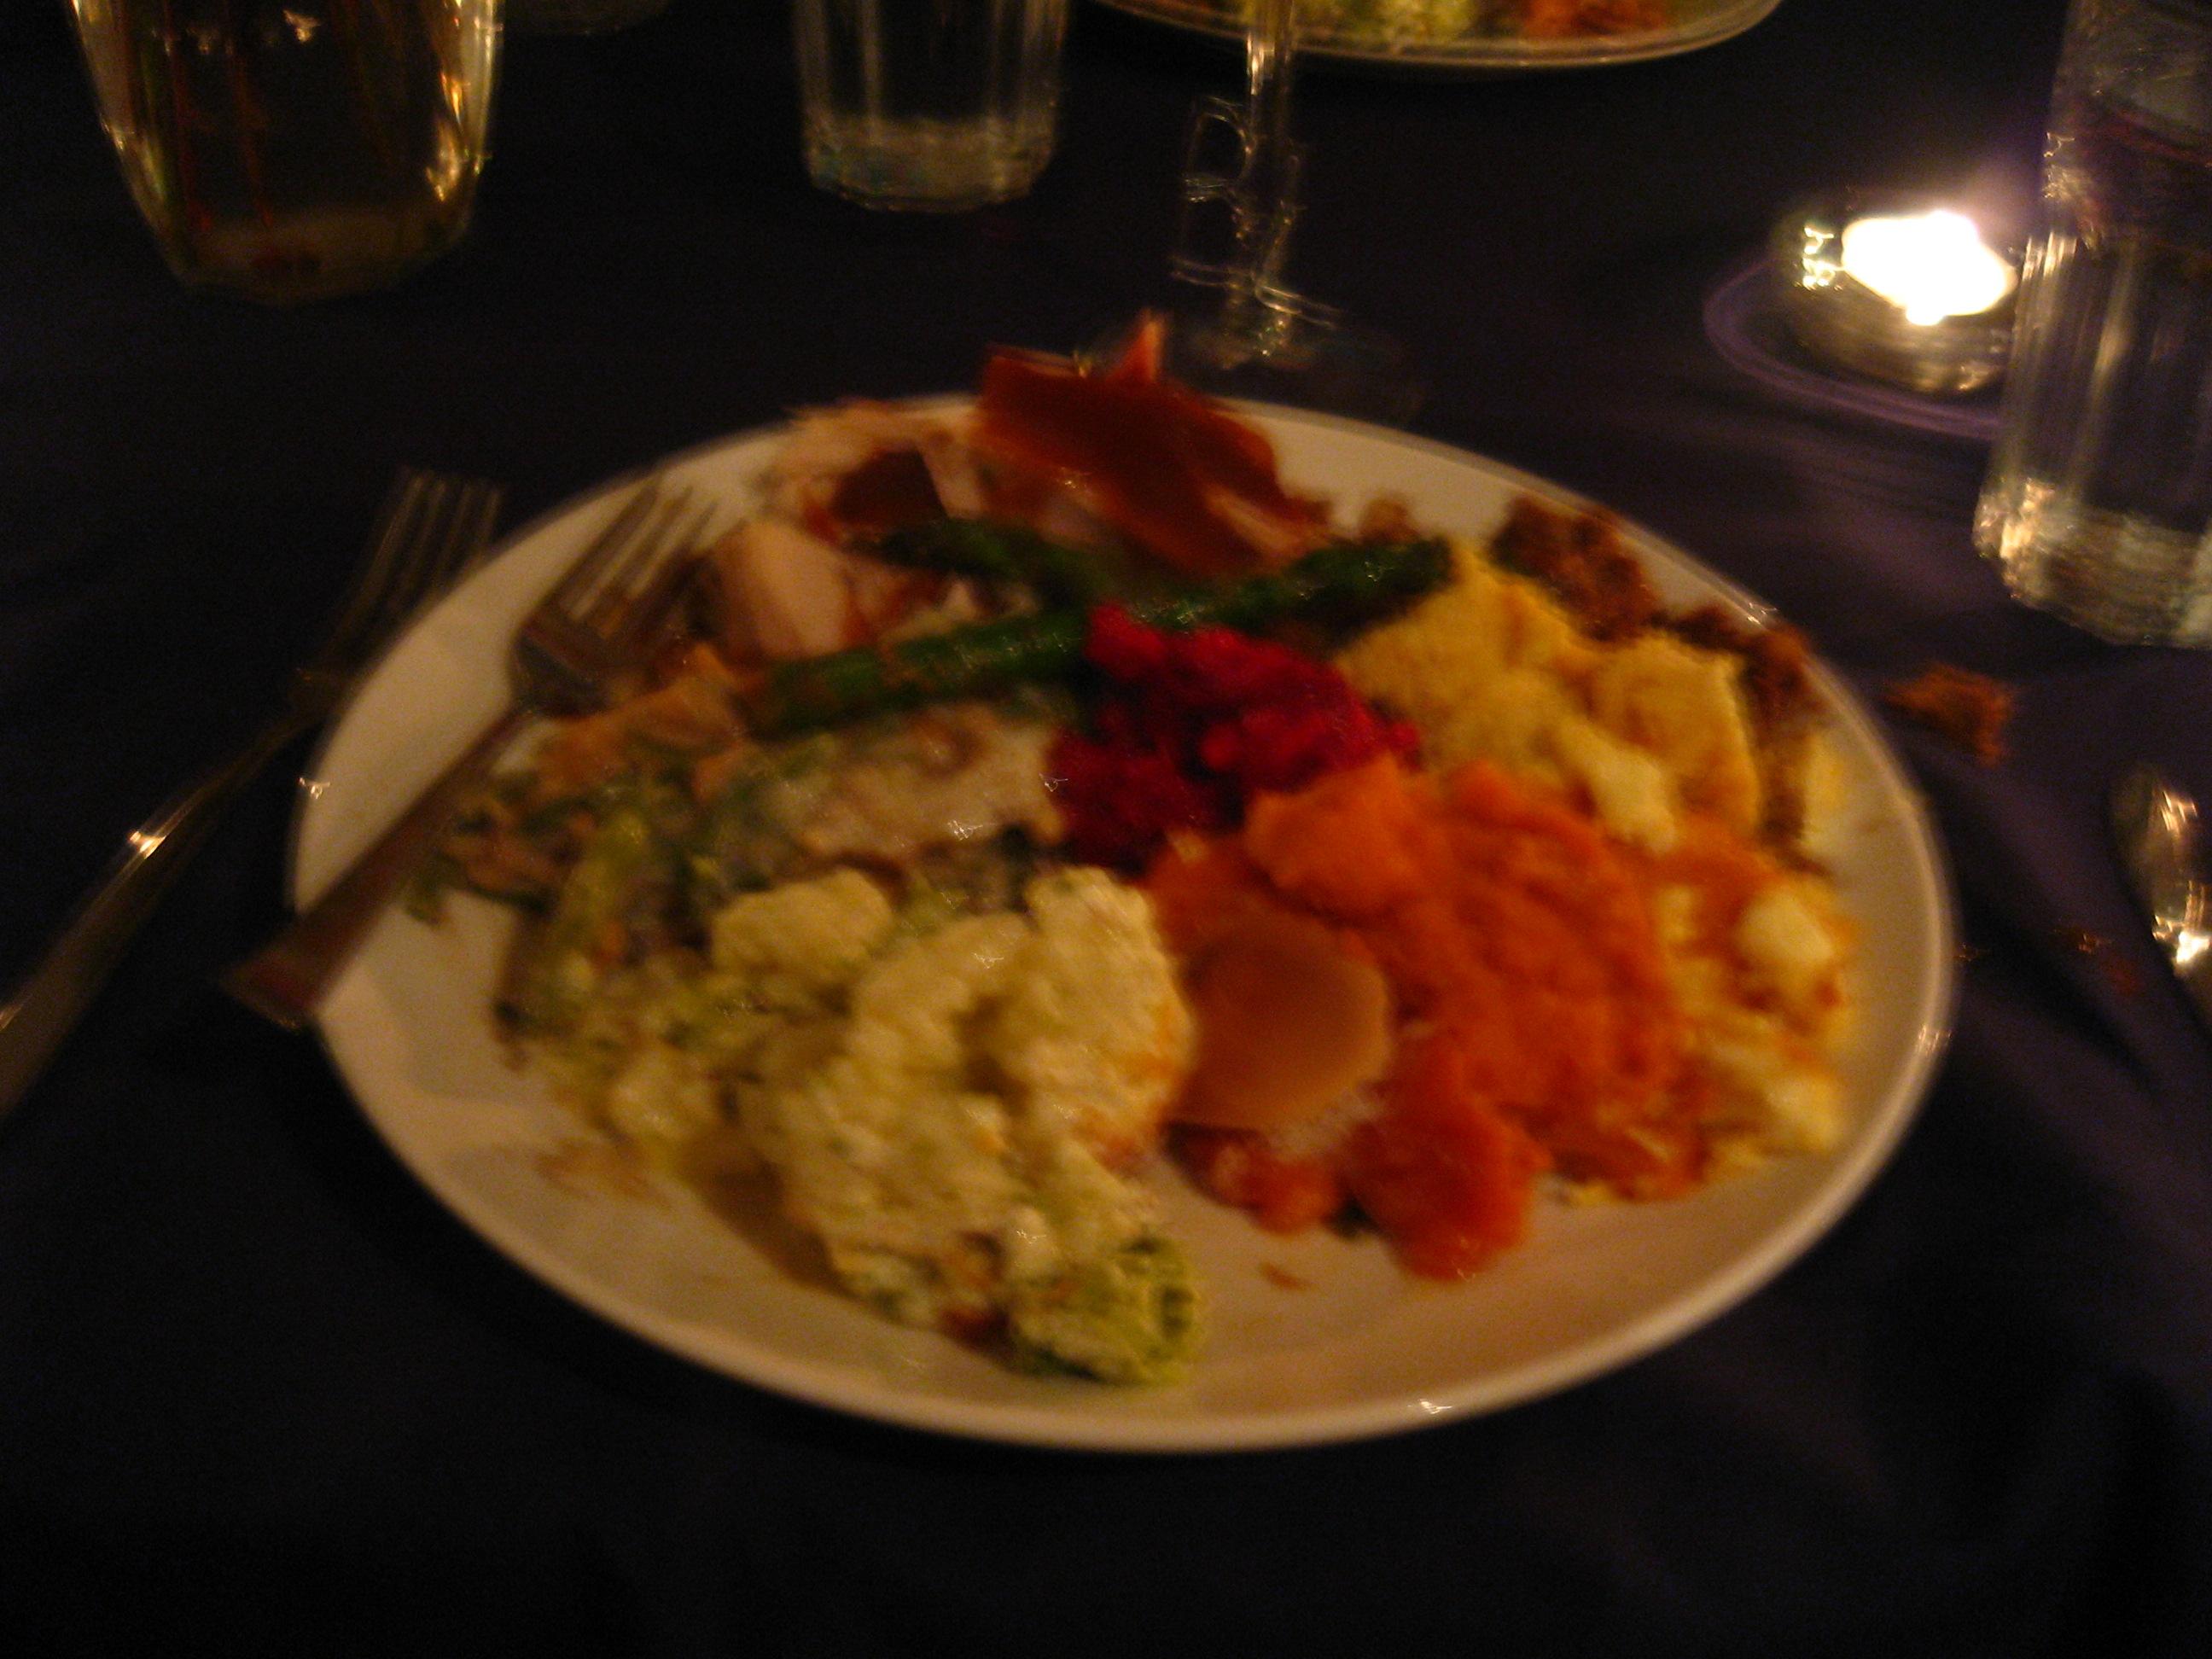 Mmmmm Thanksgiving